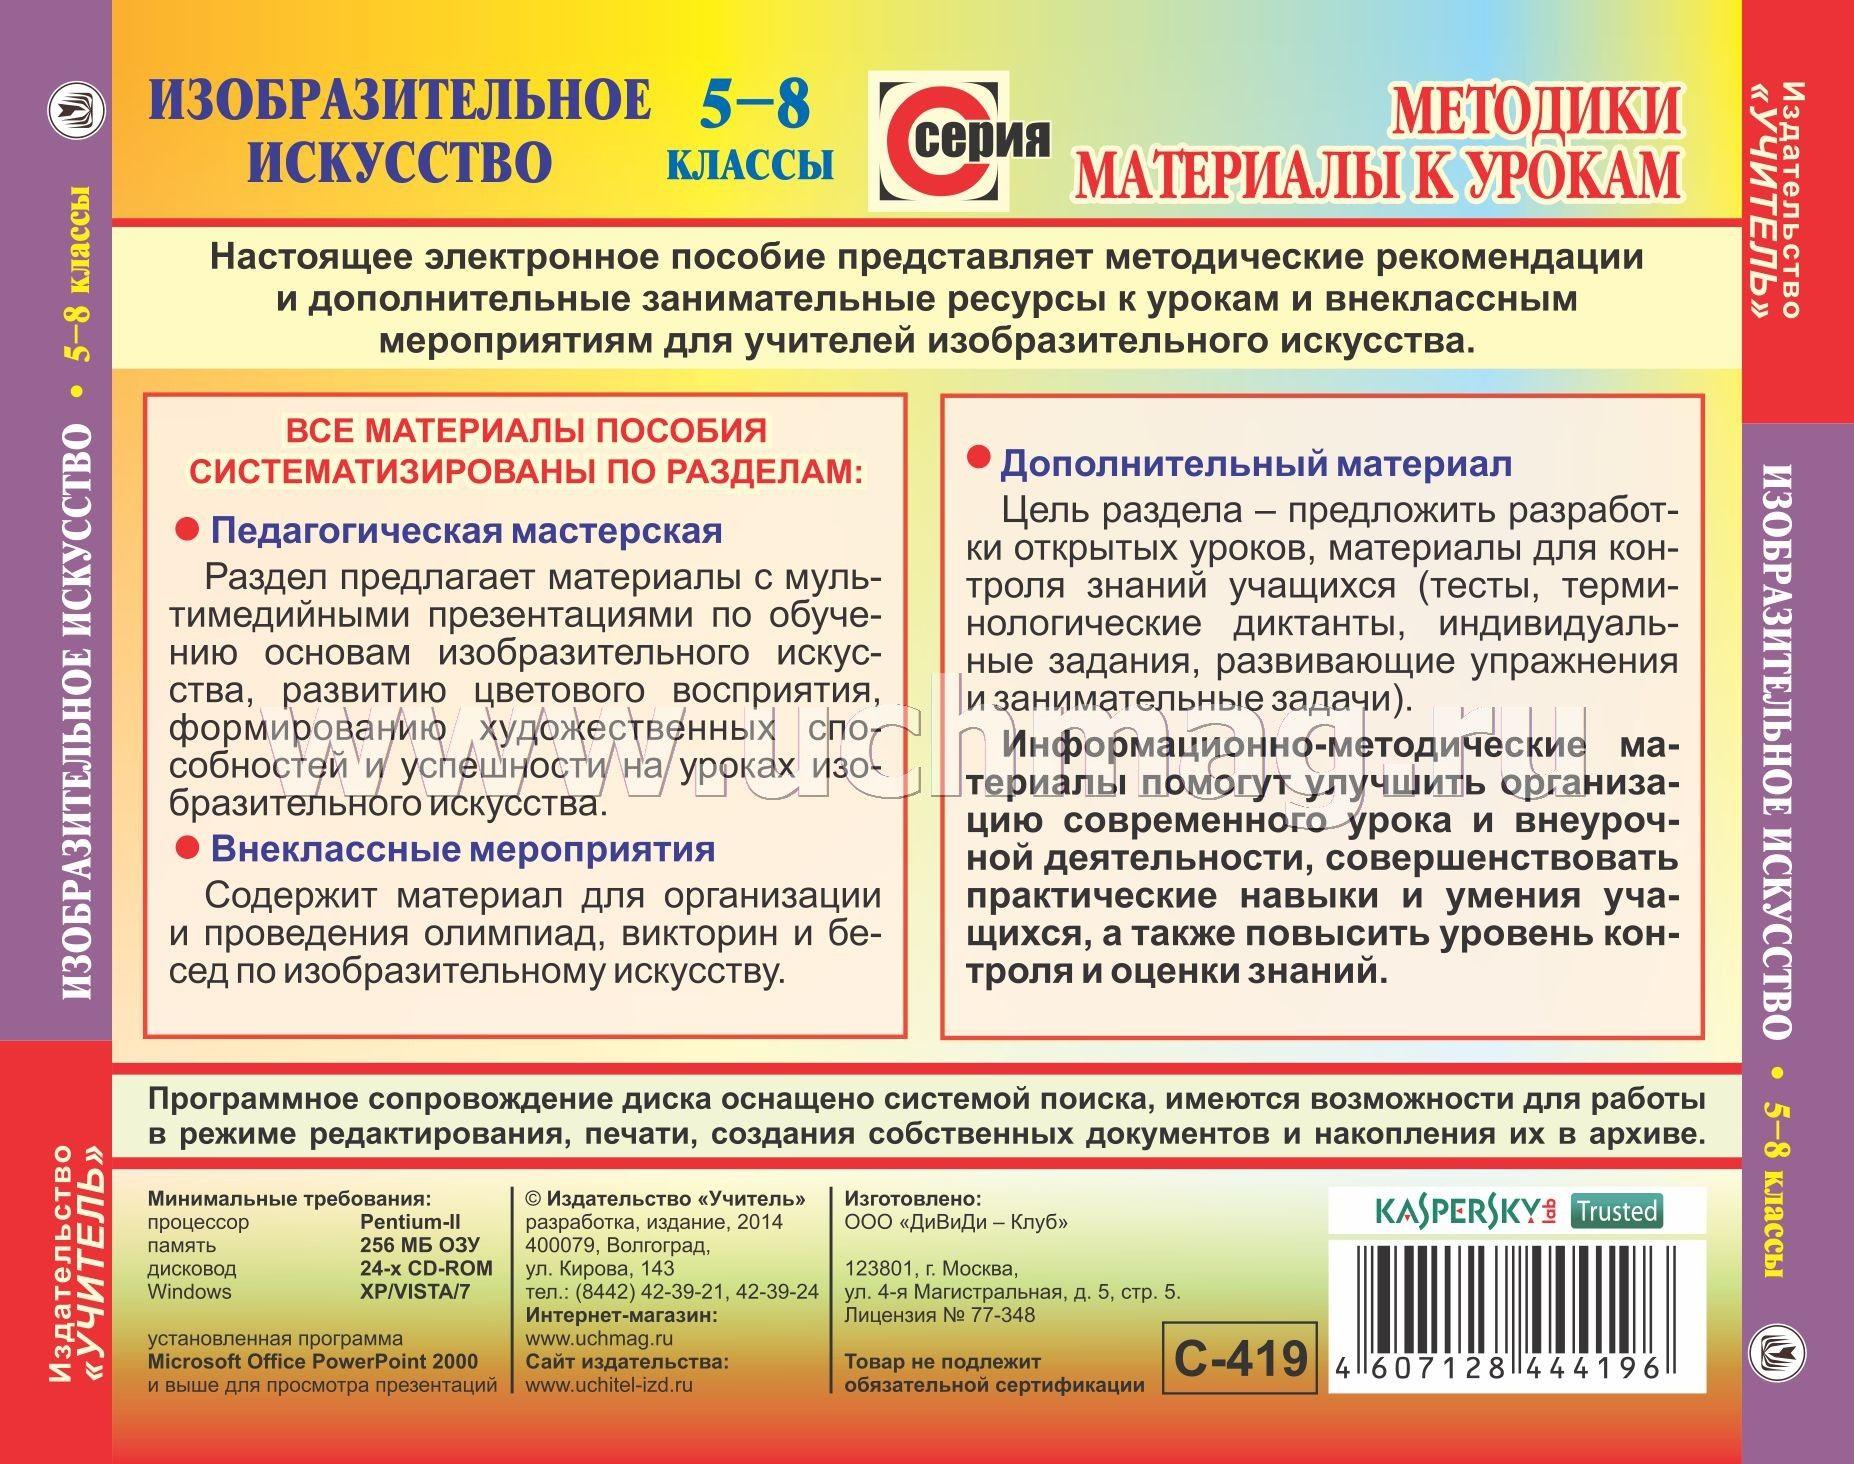 диск с электронными плакатами презентациями электронный учебник